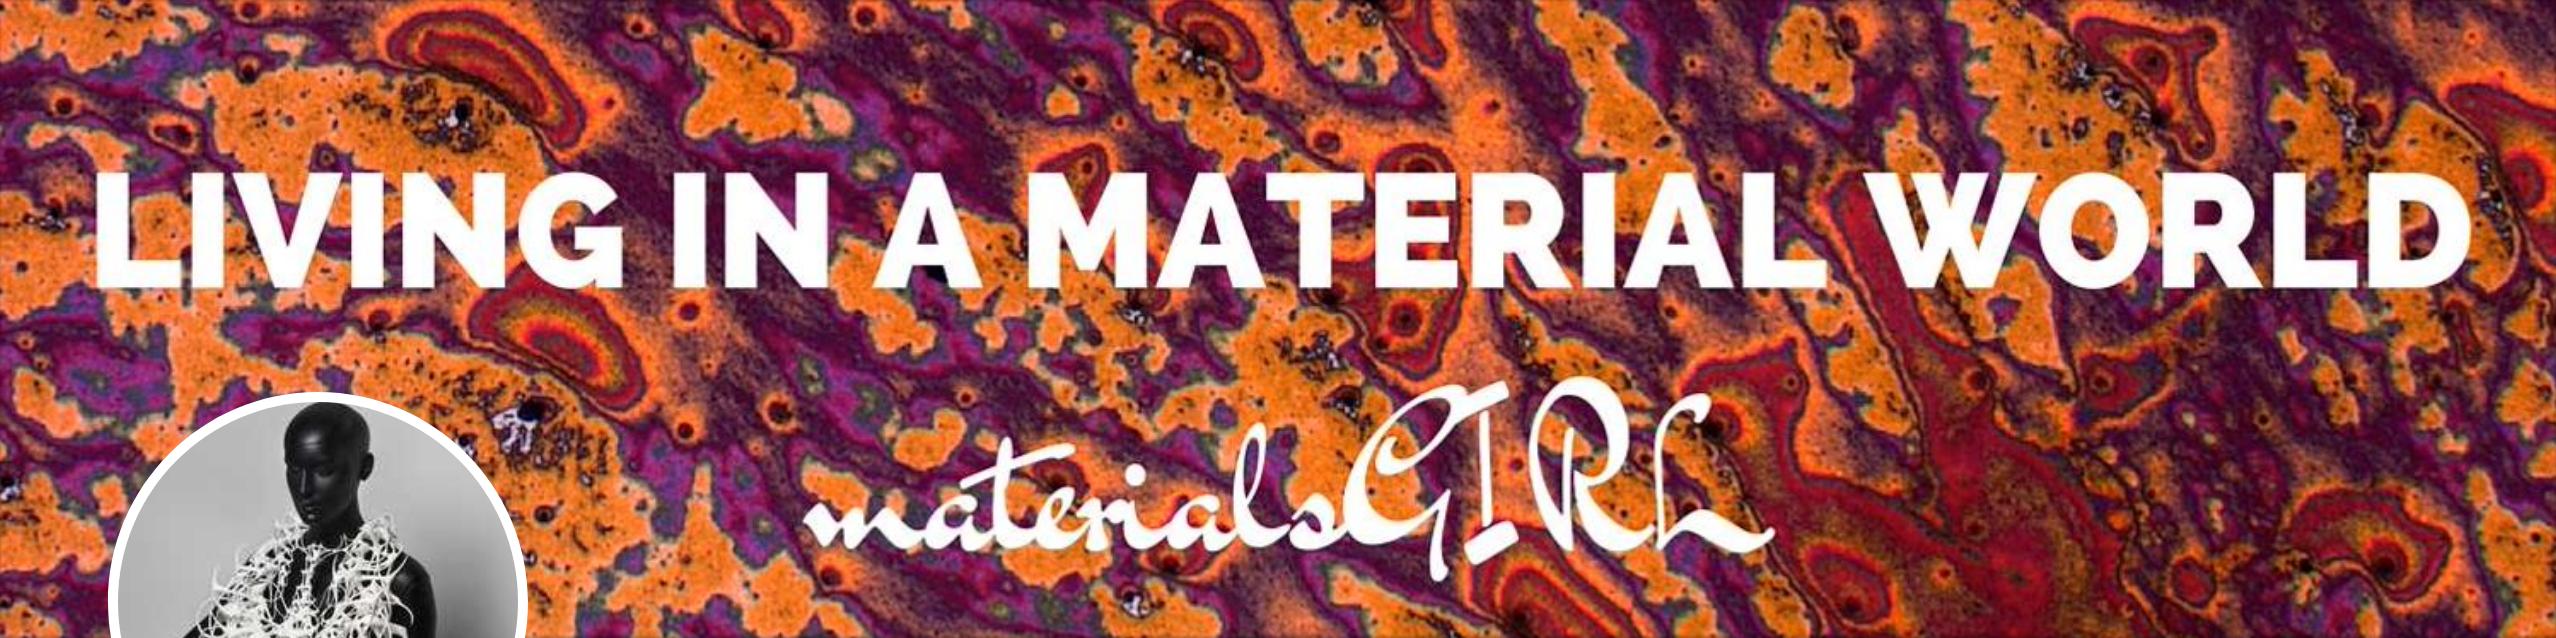 materialsGIRL logo and header